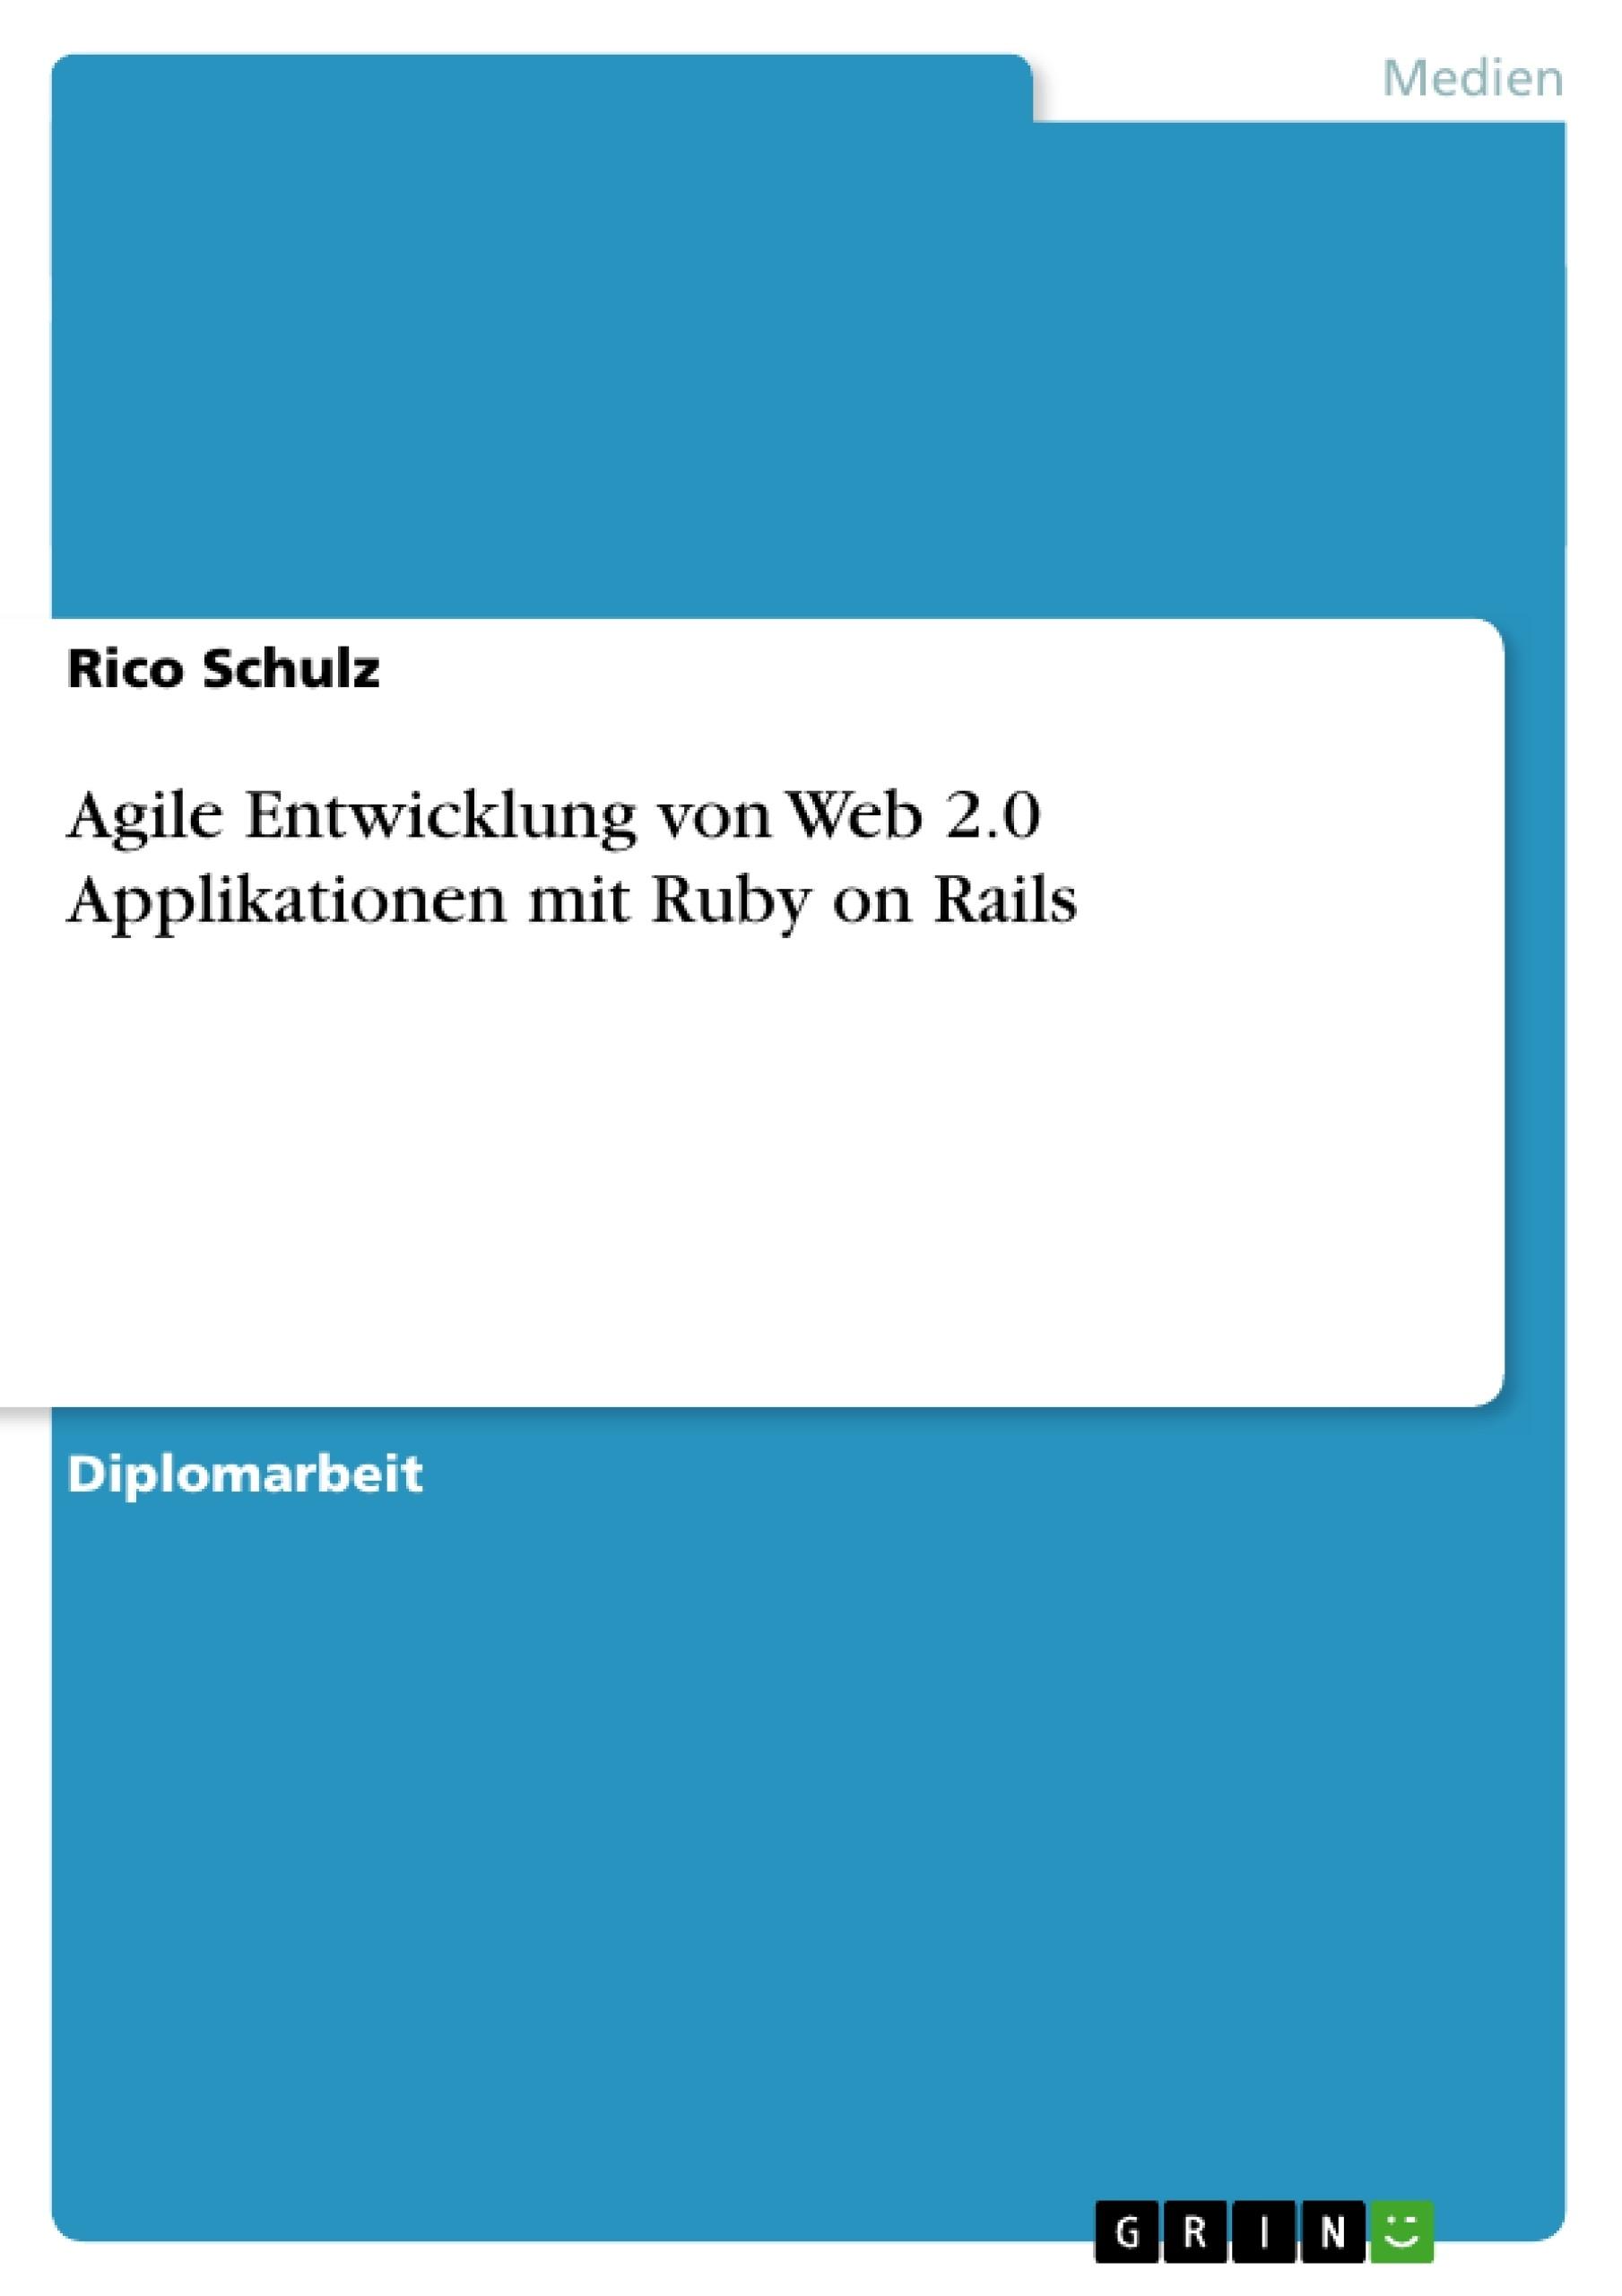 Titel: Agile Entwicklung von Web 2.0 Applikationen mit Ruby on Rails